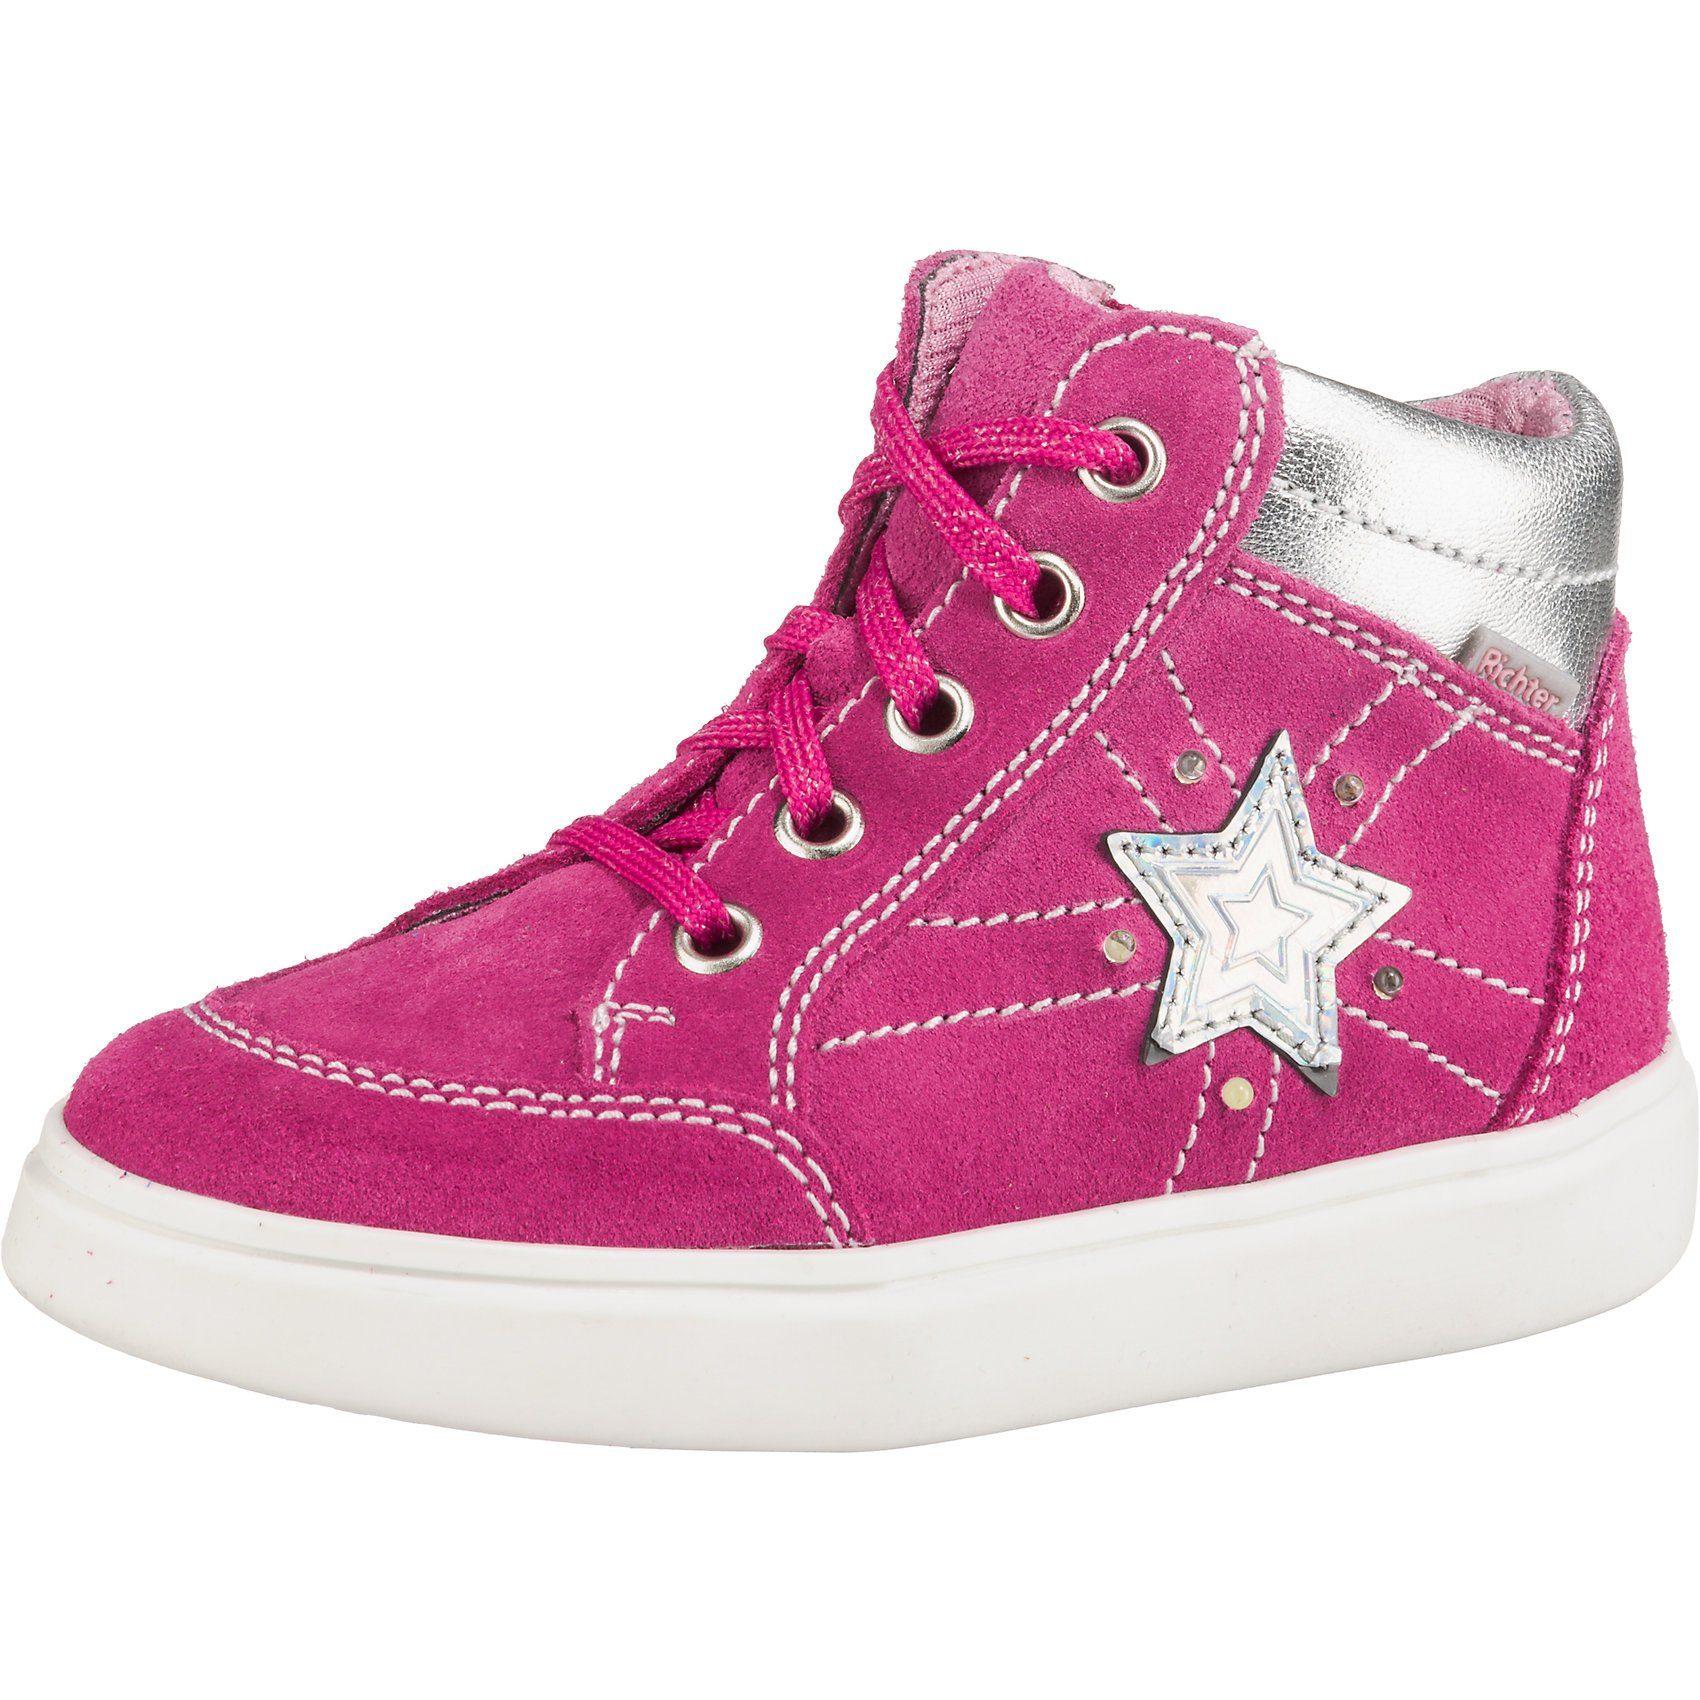 Richter Sneakers High Blinkies für Mädchen, Verschluss: Reißverschluss online kaufen | OTTO